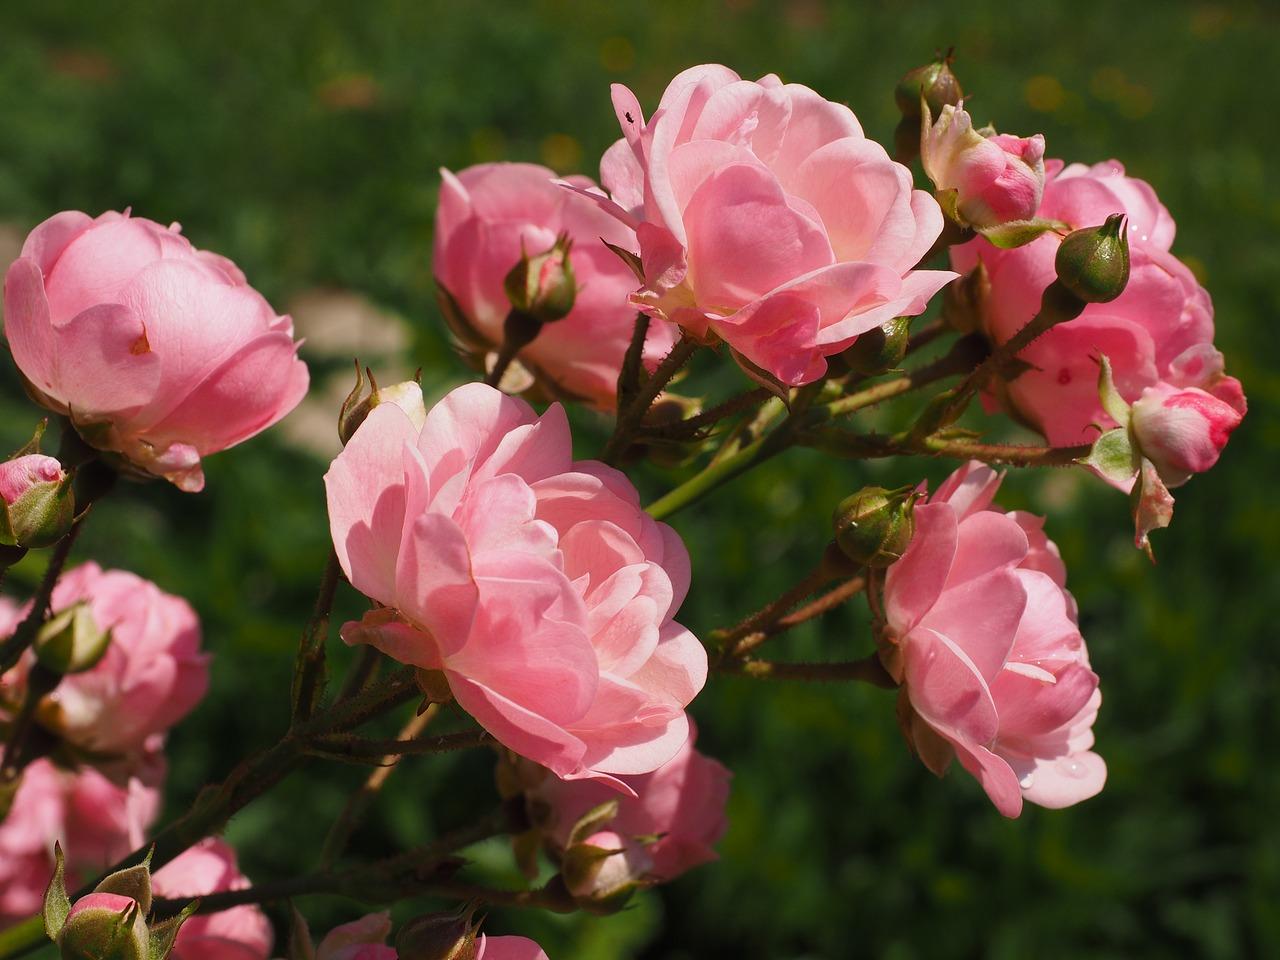 Das Bild zeigt einen Rosenstrauch